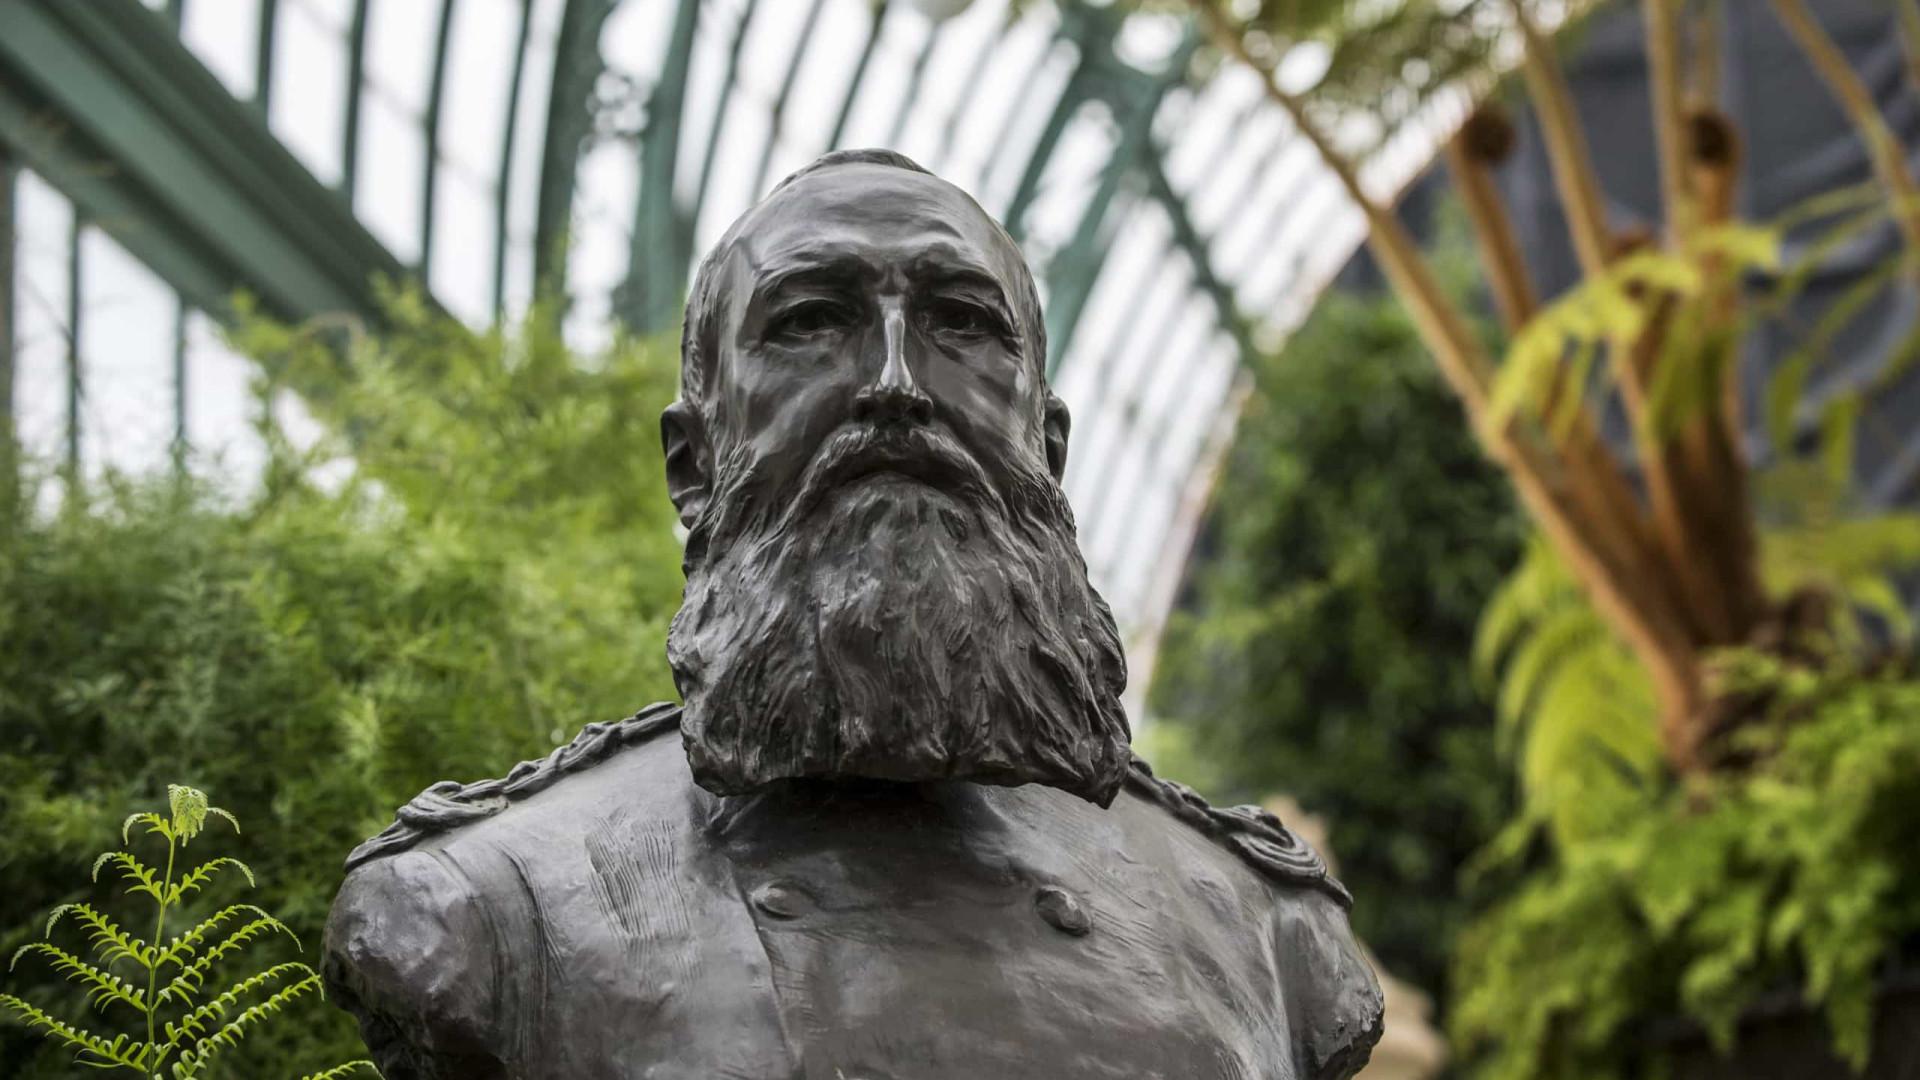 Busto do rei belga Leopoldo II vandalizado em protesto contra o racismo